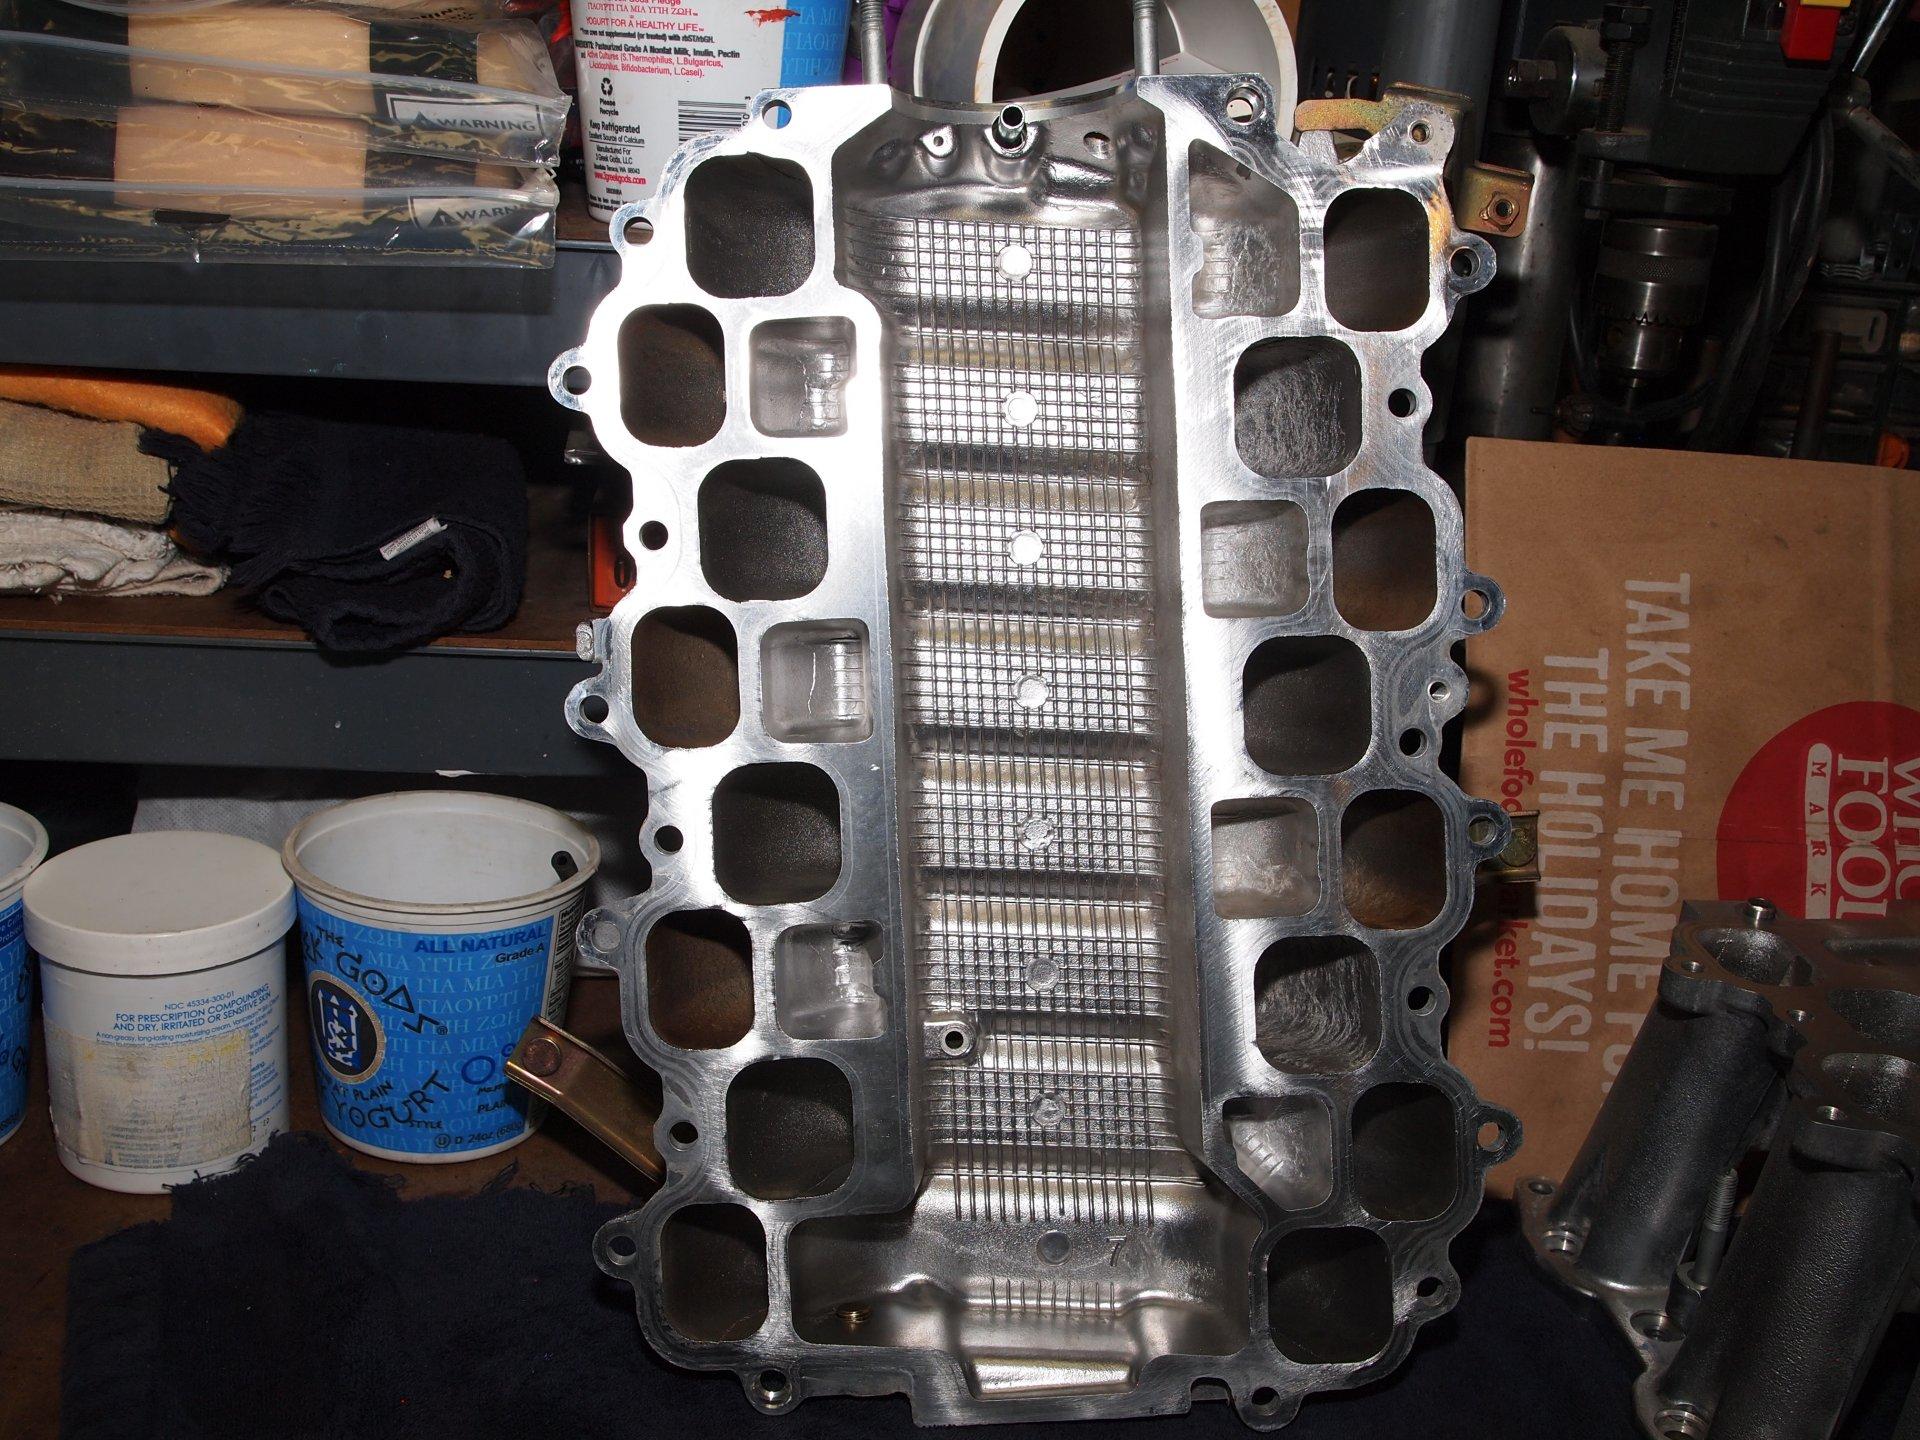 Z 01 LX470 day Starter install & wire splice 3-21-16 028.JPG